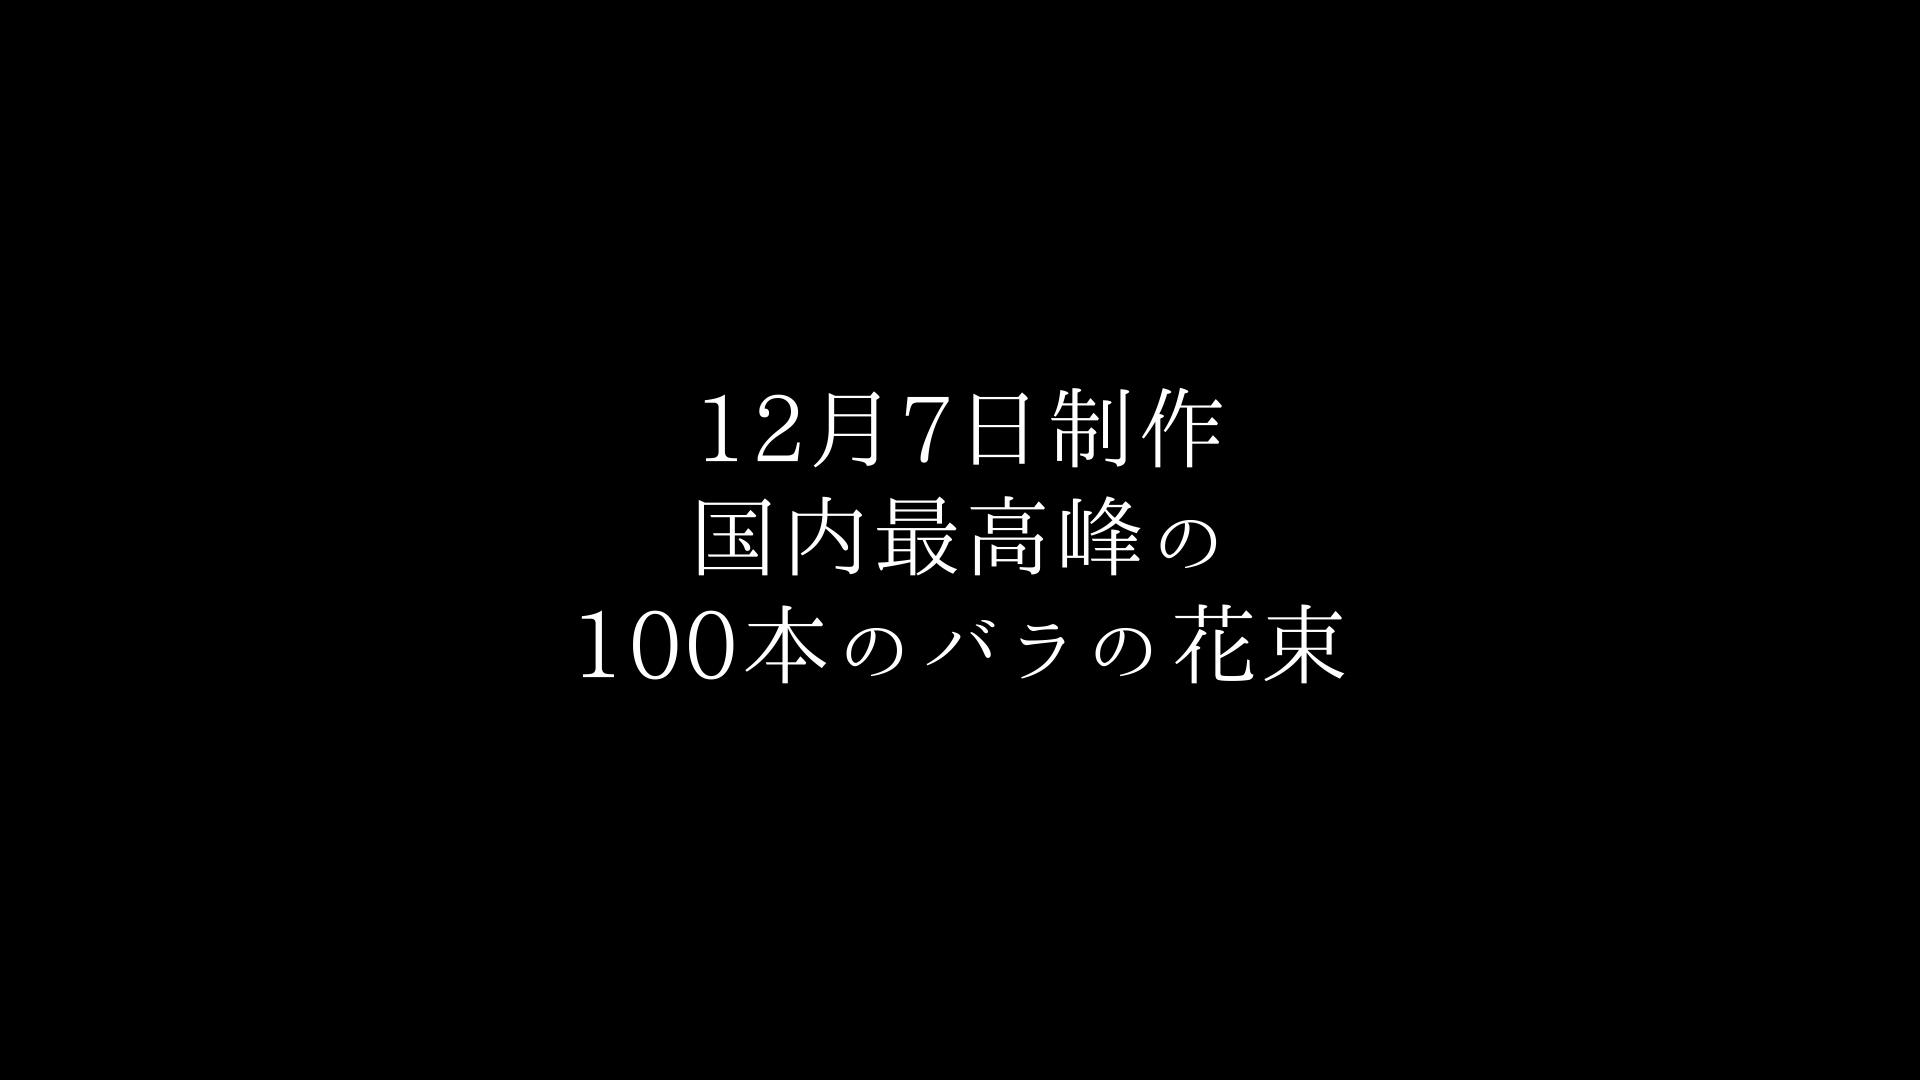 国内最高峰のバラ100本の花束制作動画 2020.12.07撮影